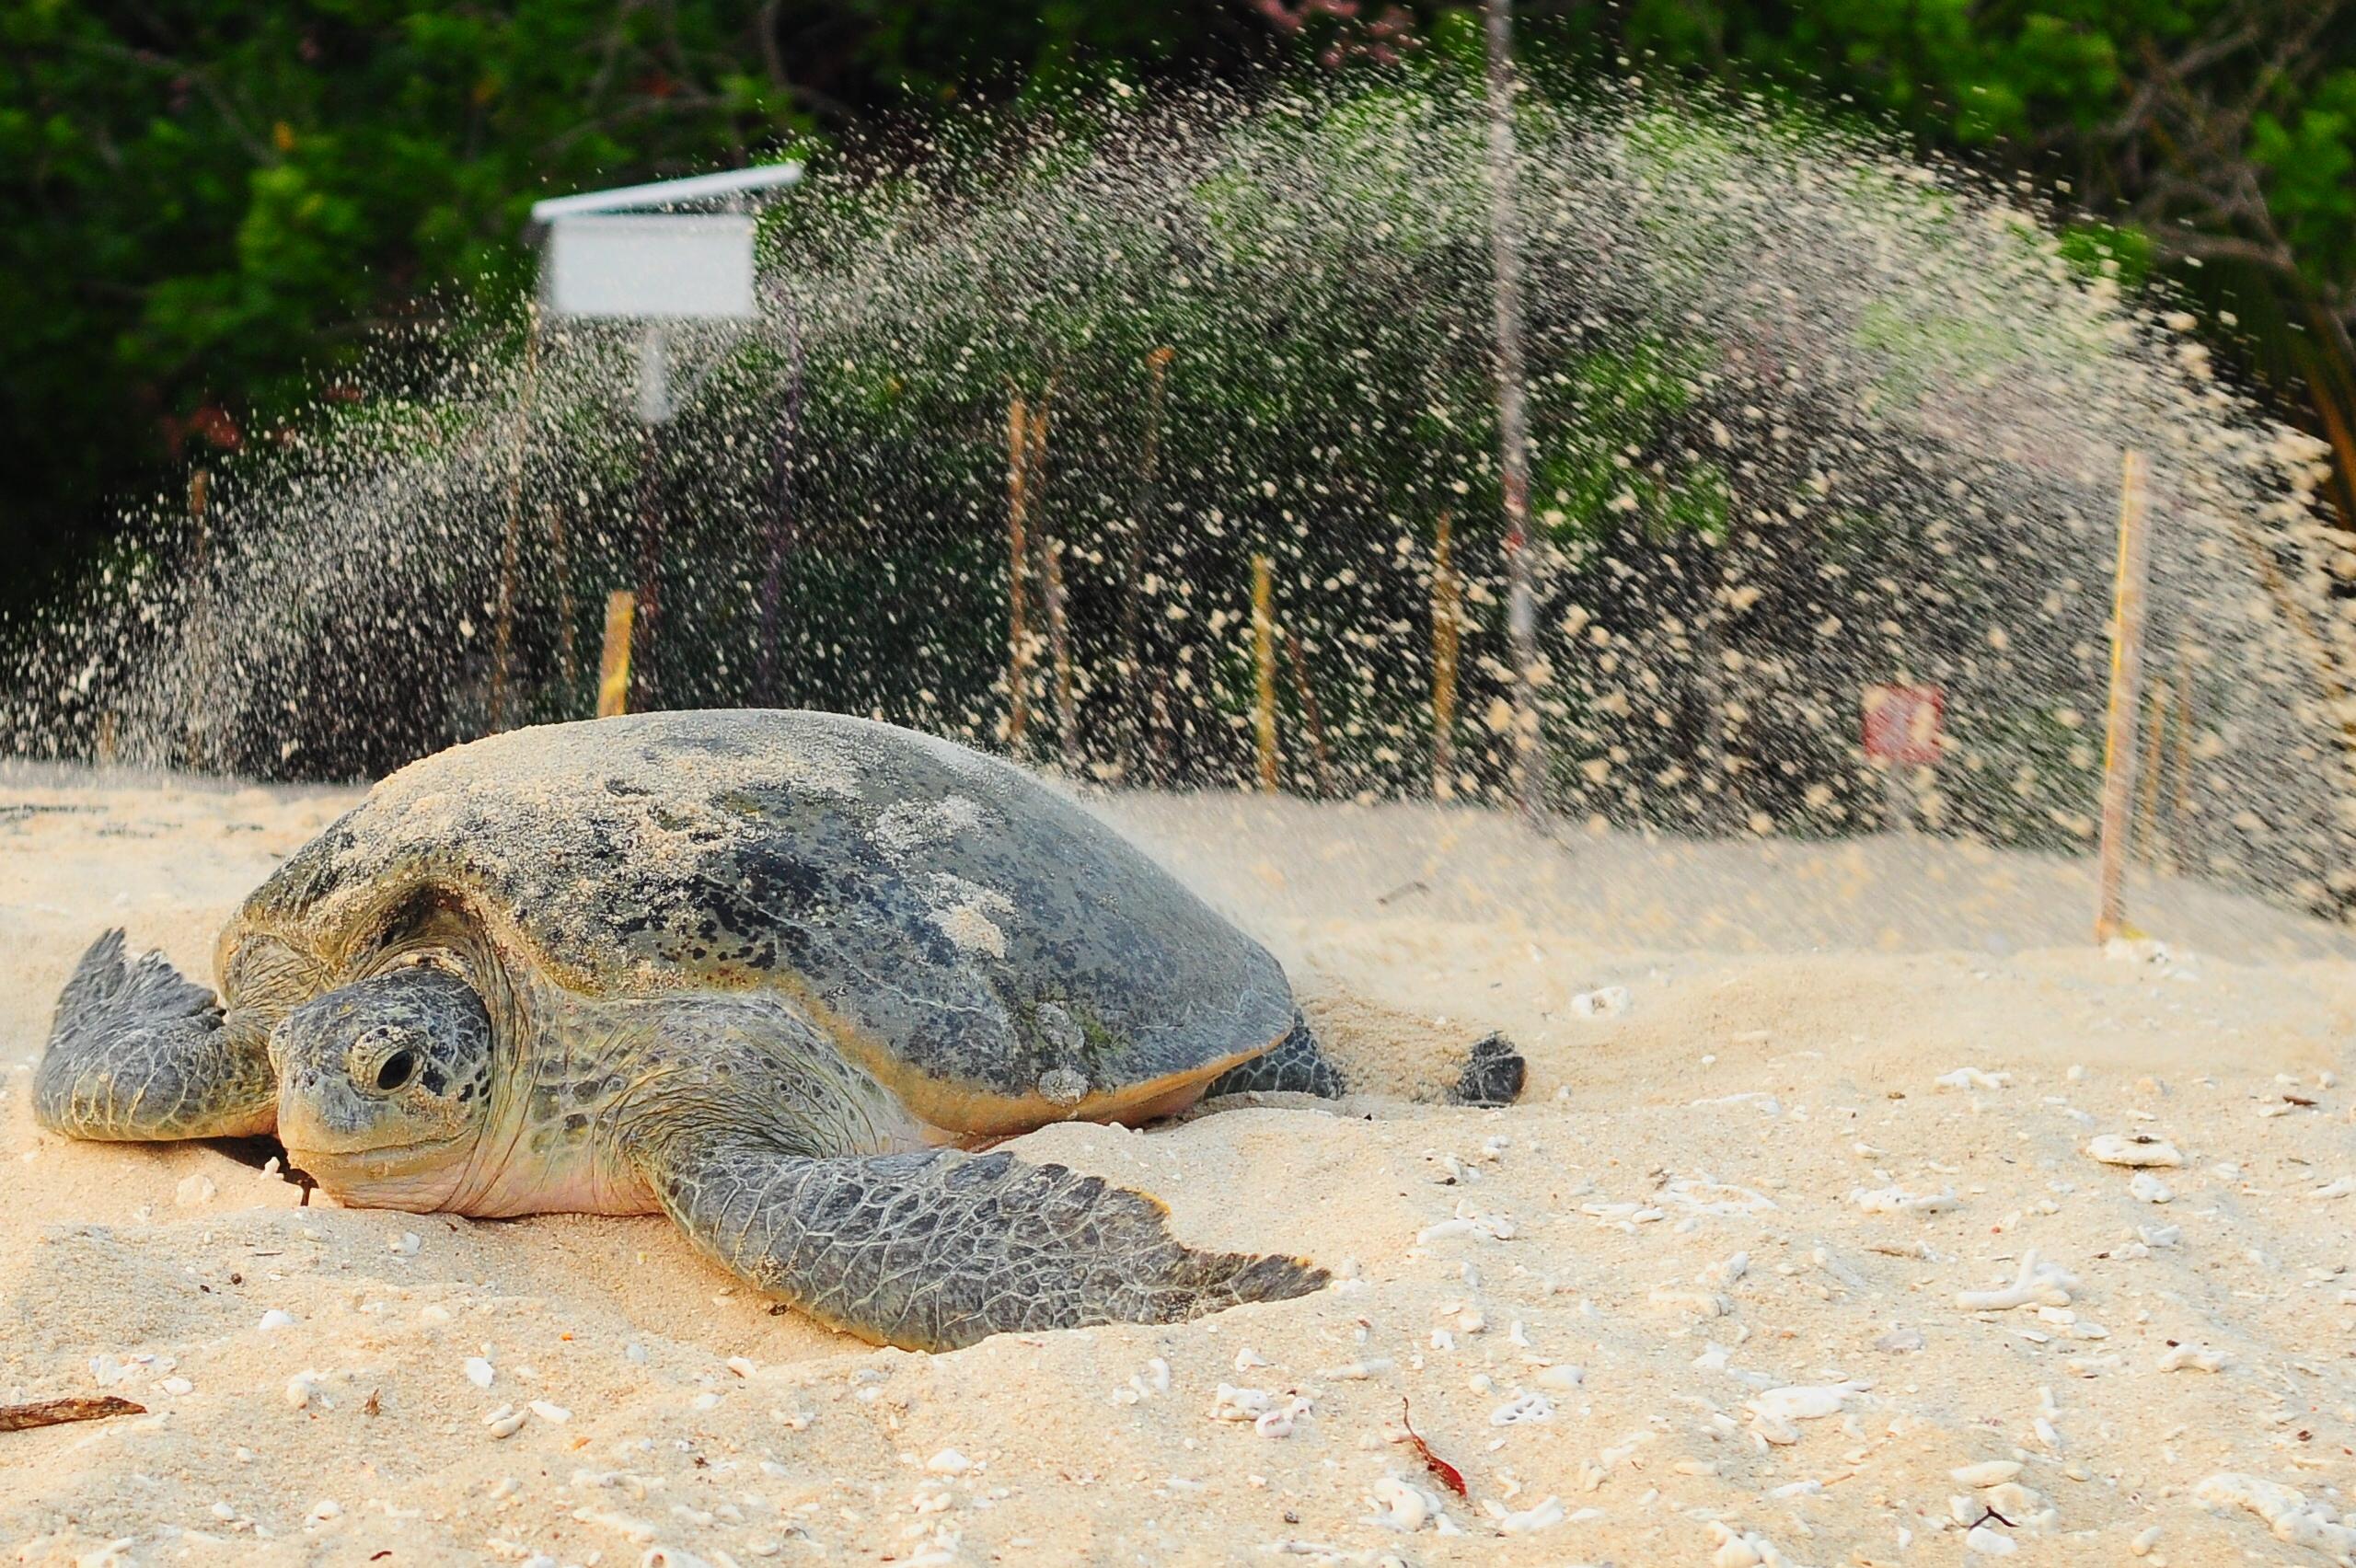 Sea turtles: Universiti Malaysia Terengganu saving Malaysian sea turtles